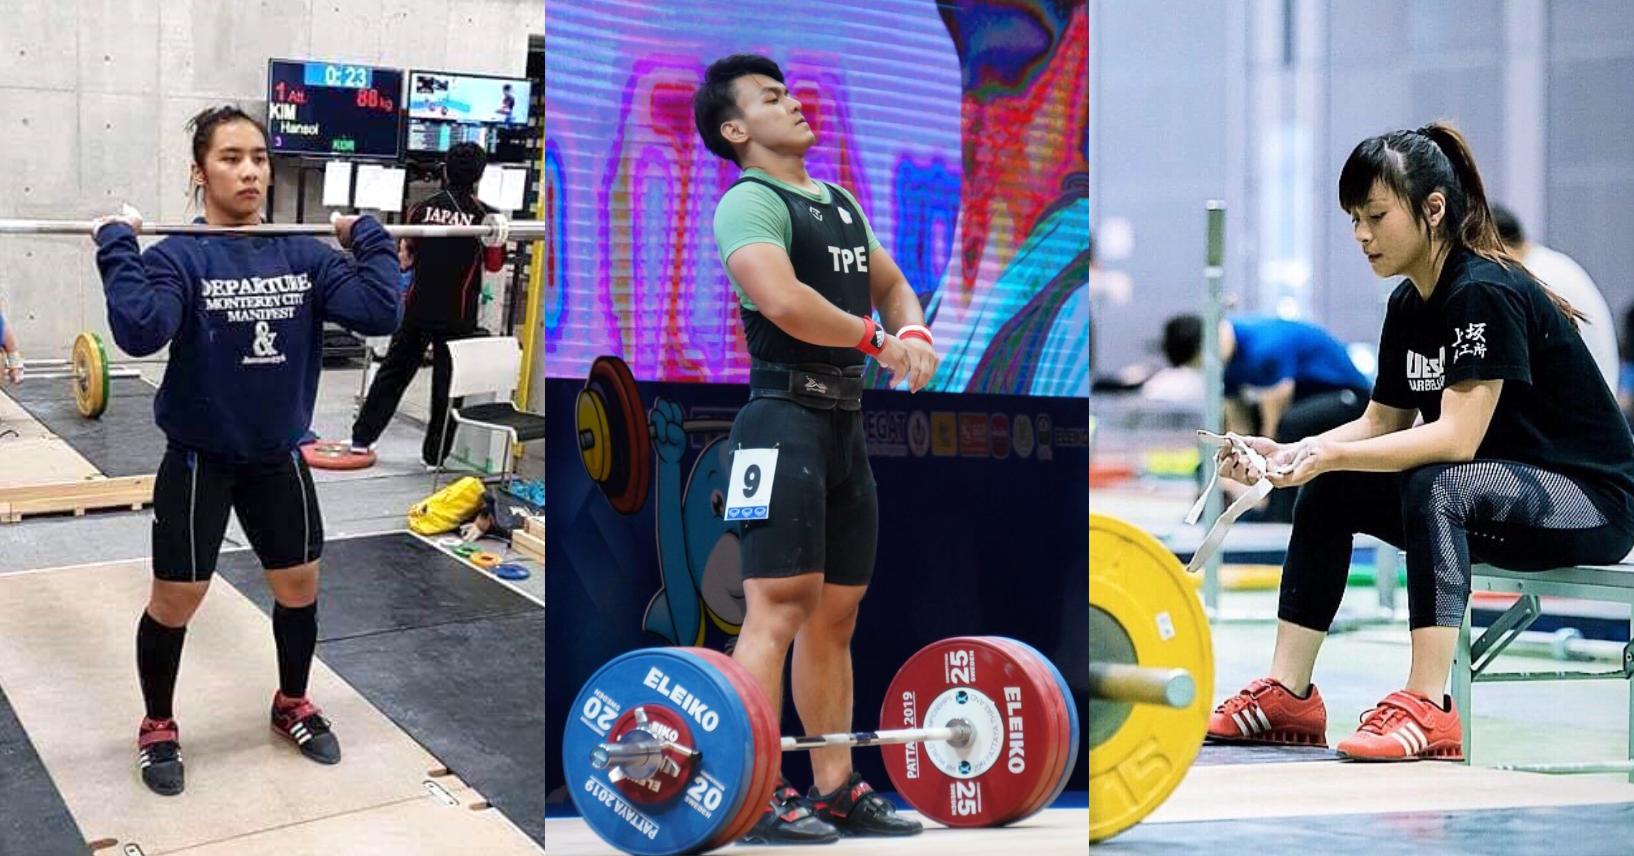 照片中提到了0:23、At、KIM,跟埃爾科·格魯帕有關,包含了肩、GBOYSWAG、台北市、台灣世界宣明會、女孩上場